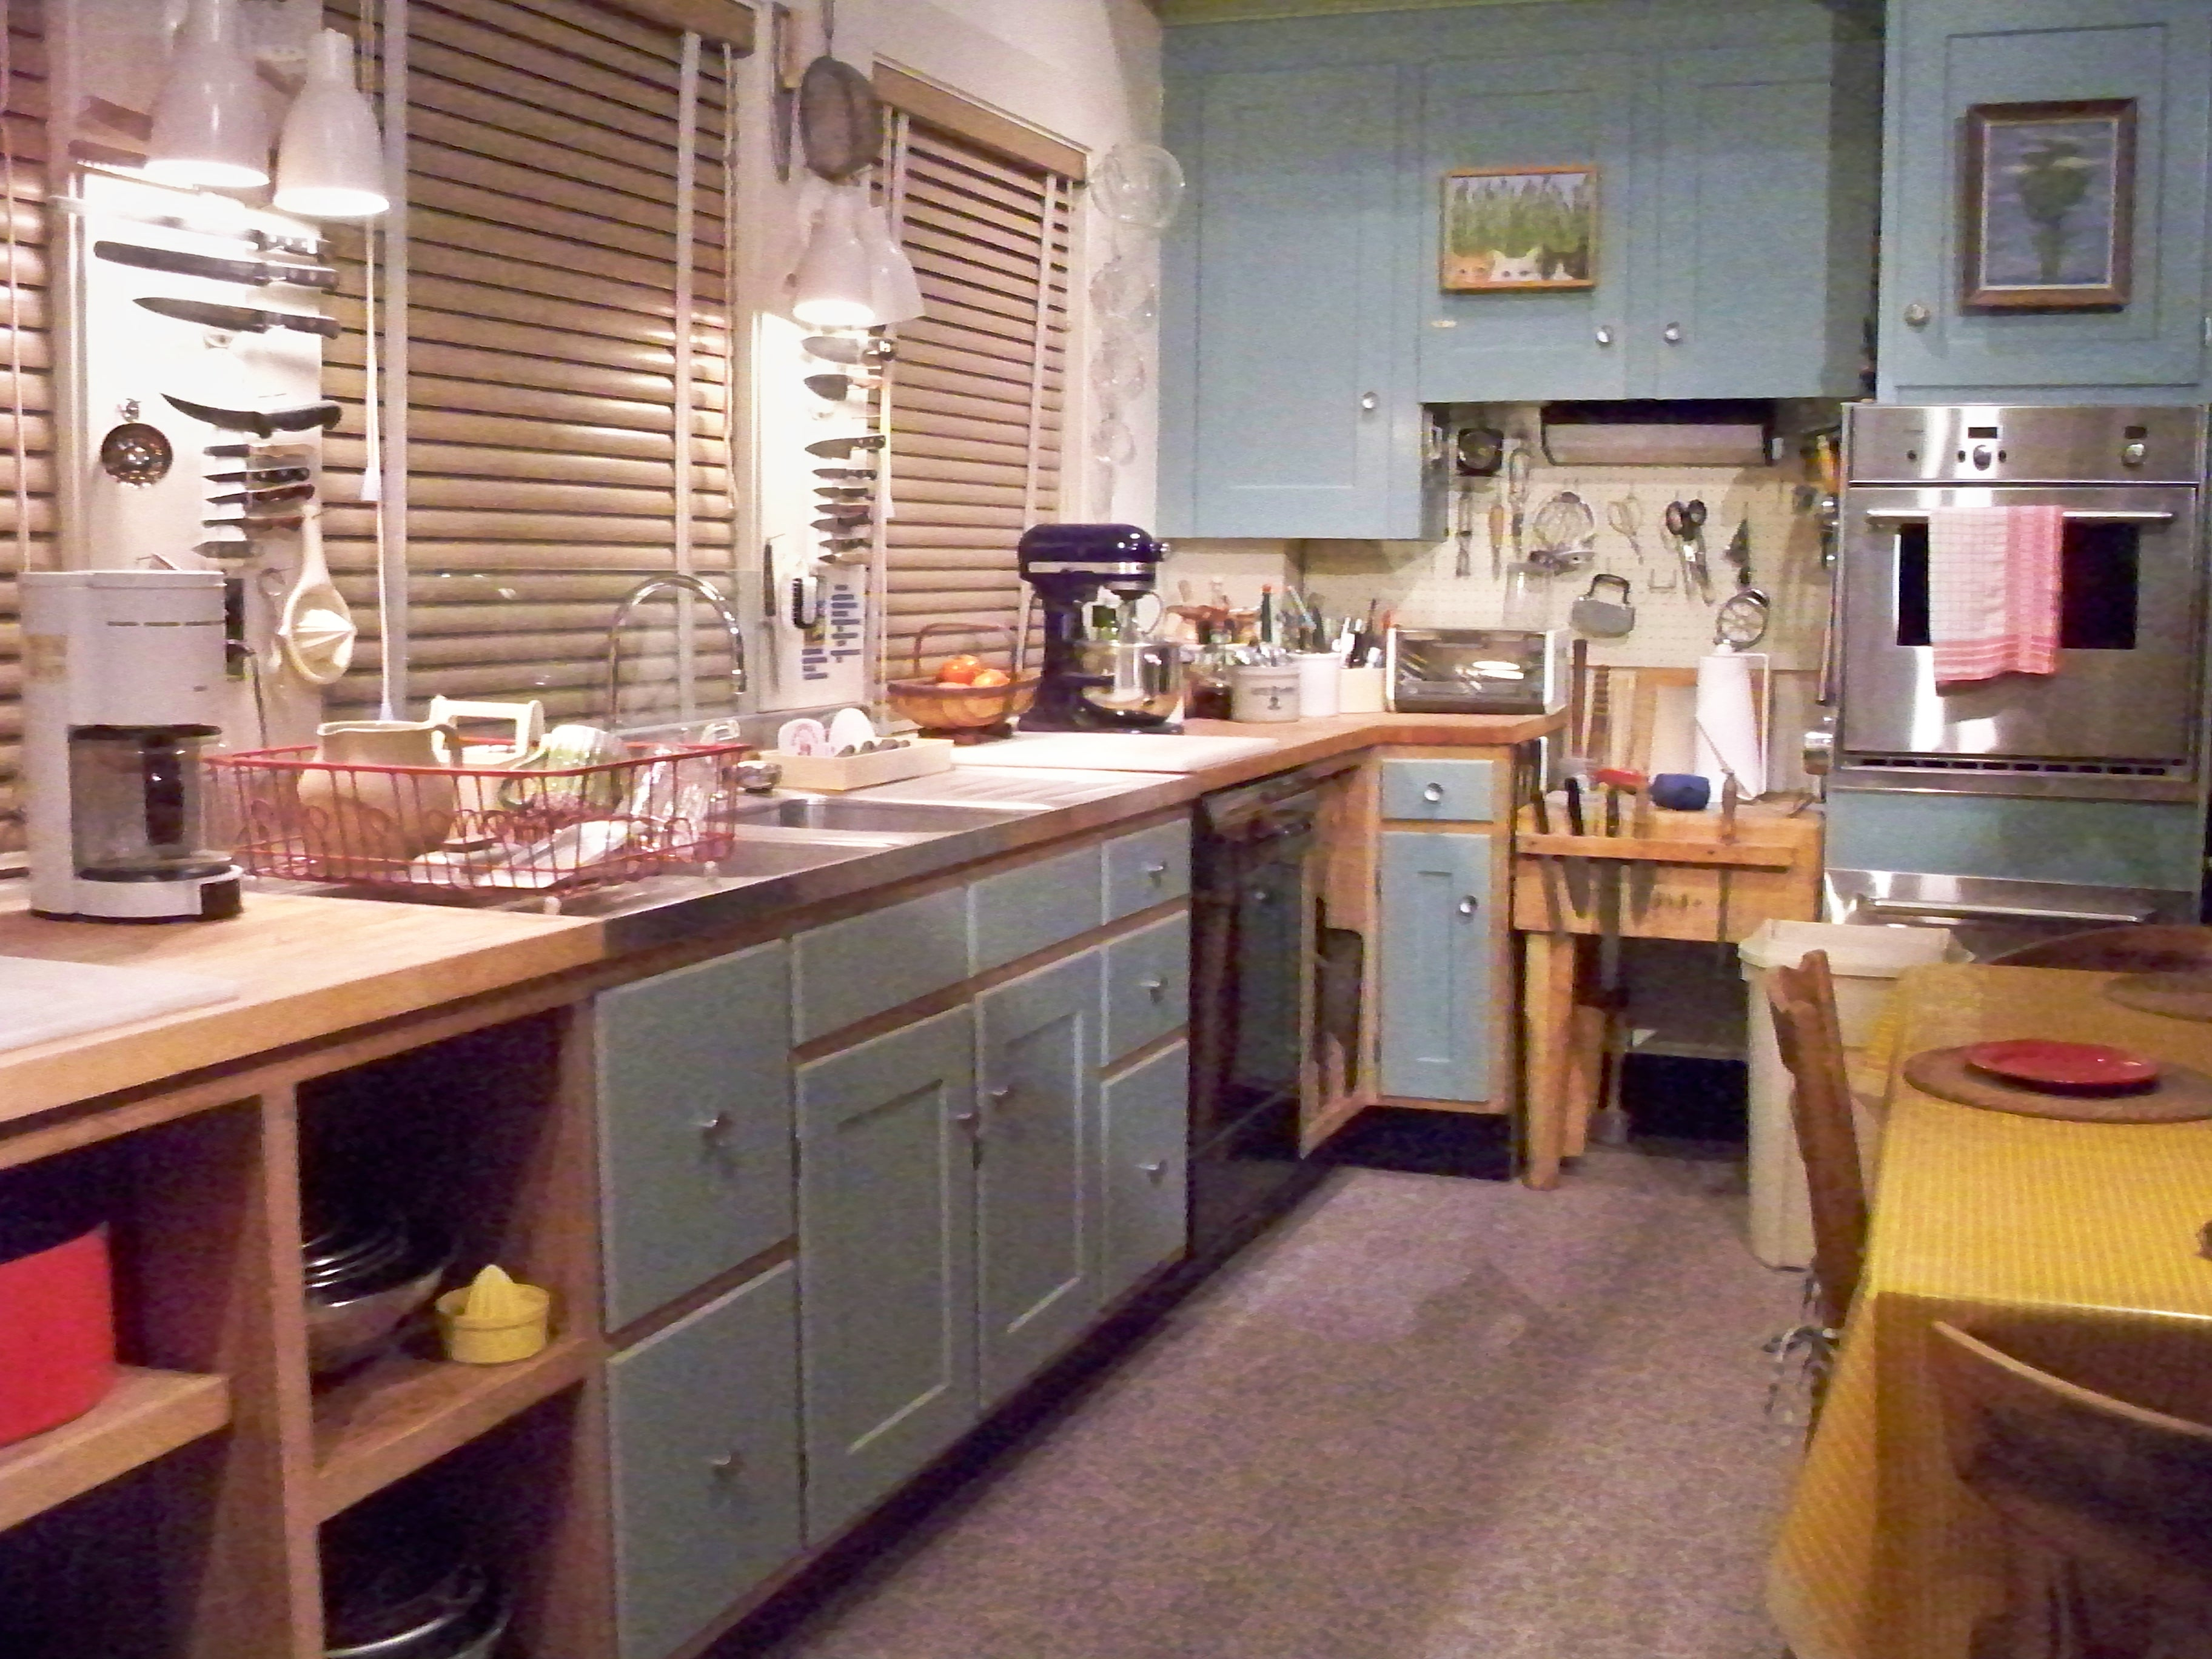 Kitchen dinner sets photo - 2